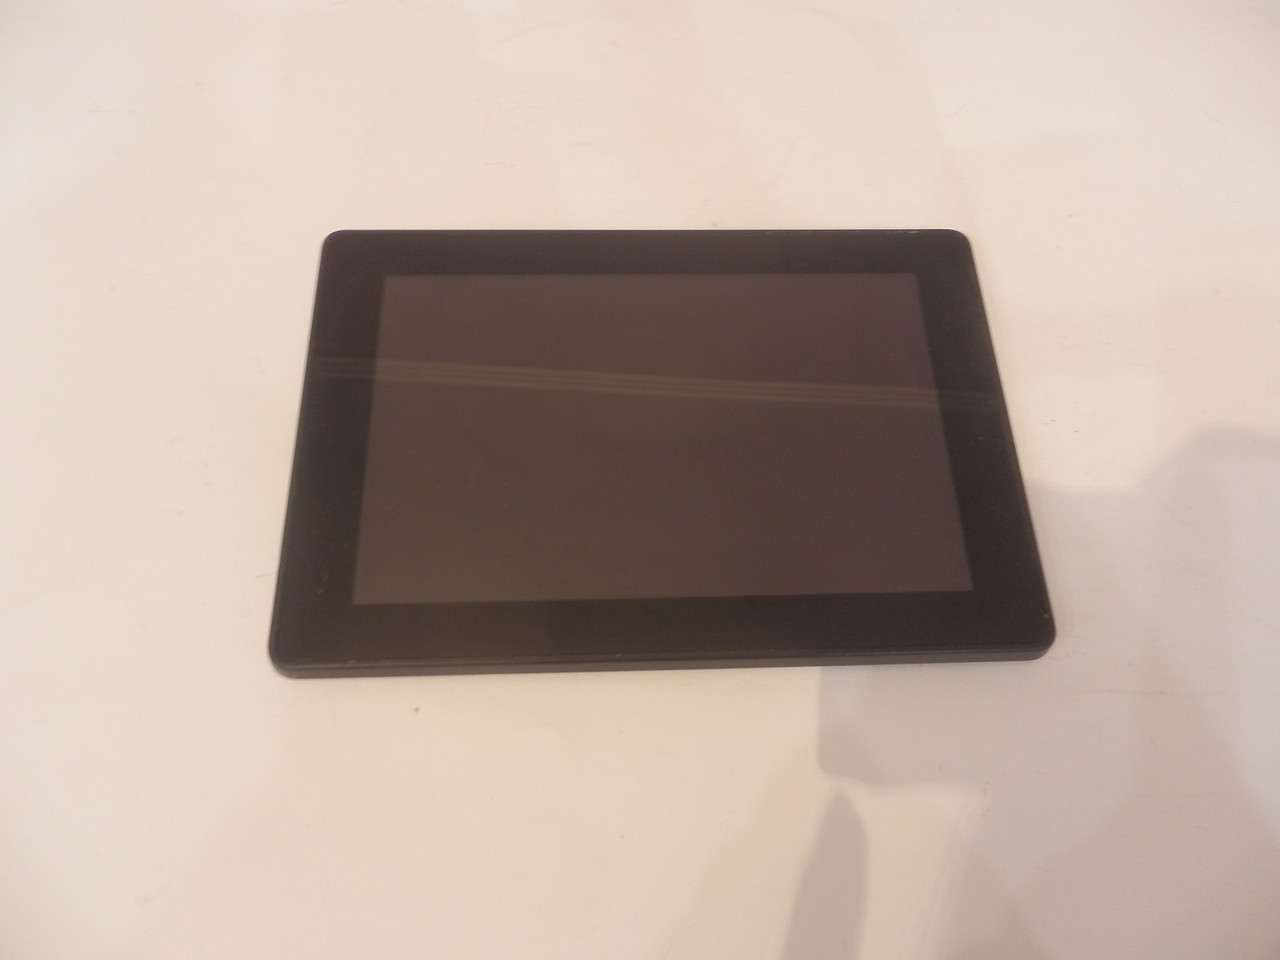 Планшет планшет Amazon модель не скажу №5882